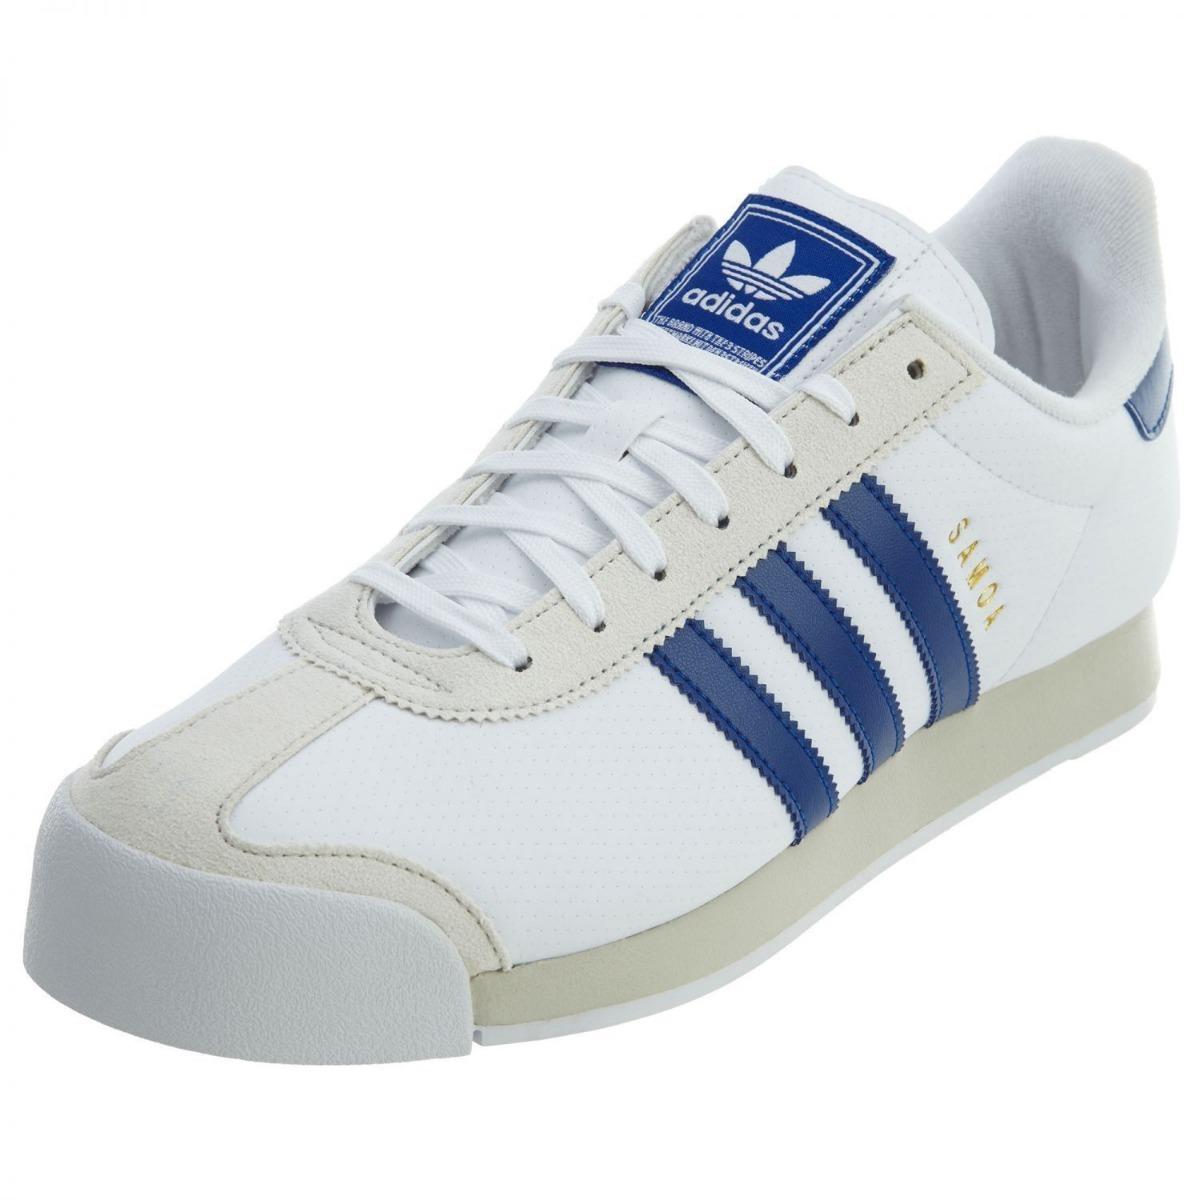 0a083d06d original tenis adidas samoa originals piel white blue retro. Cargando zoom.